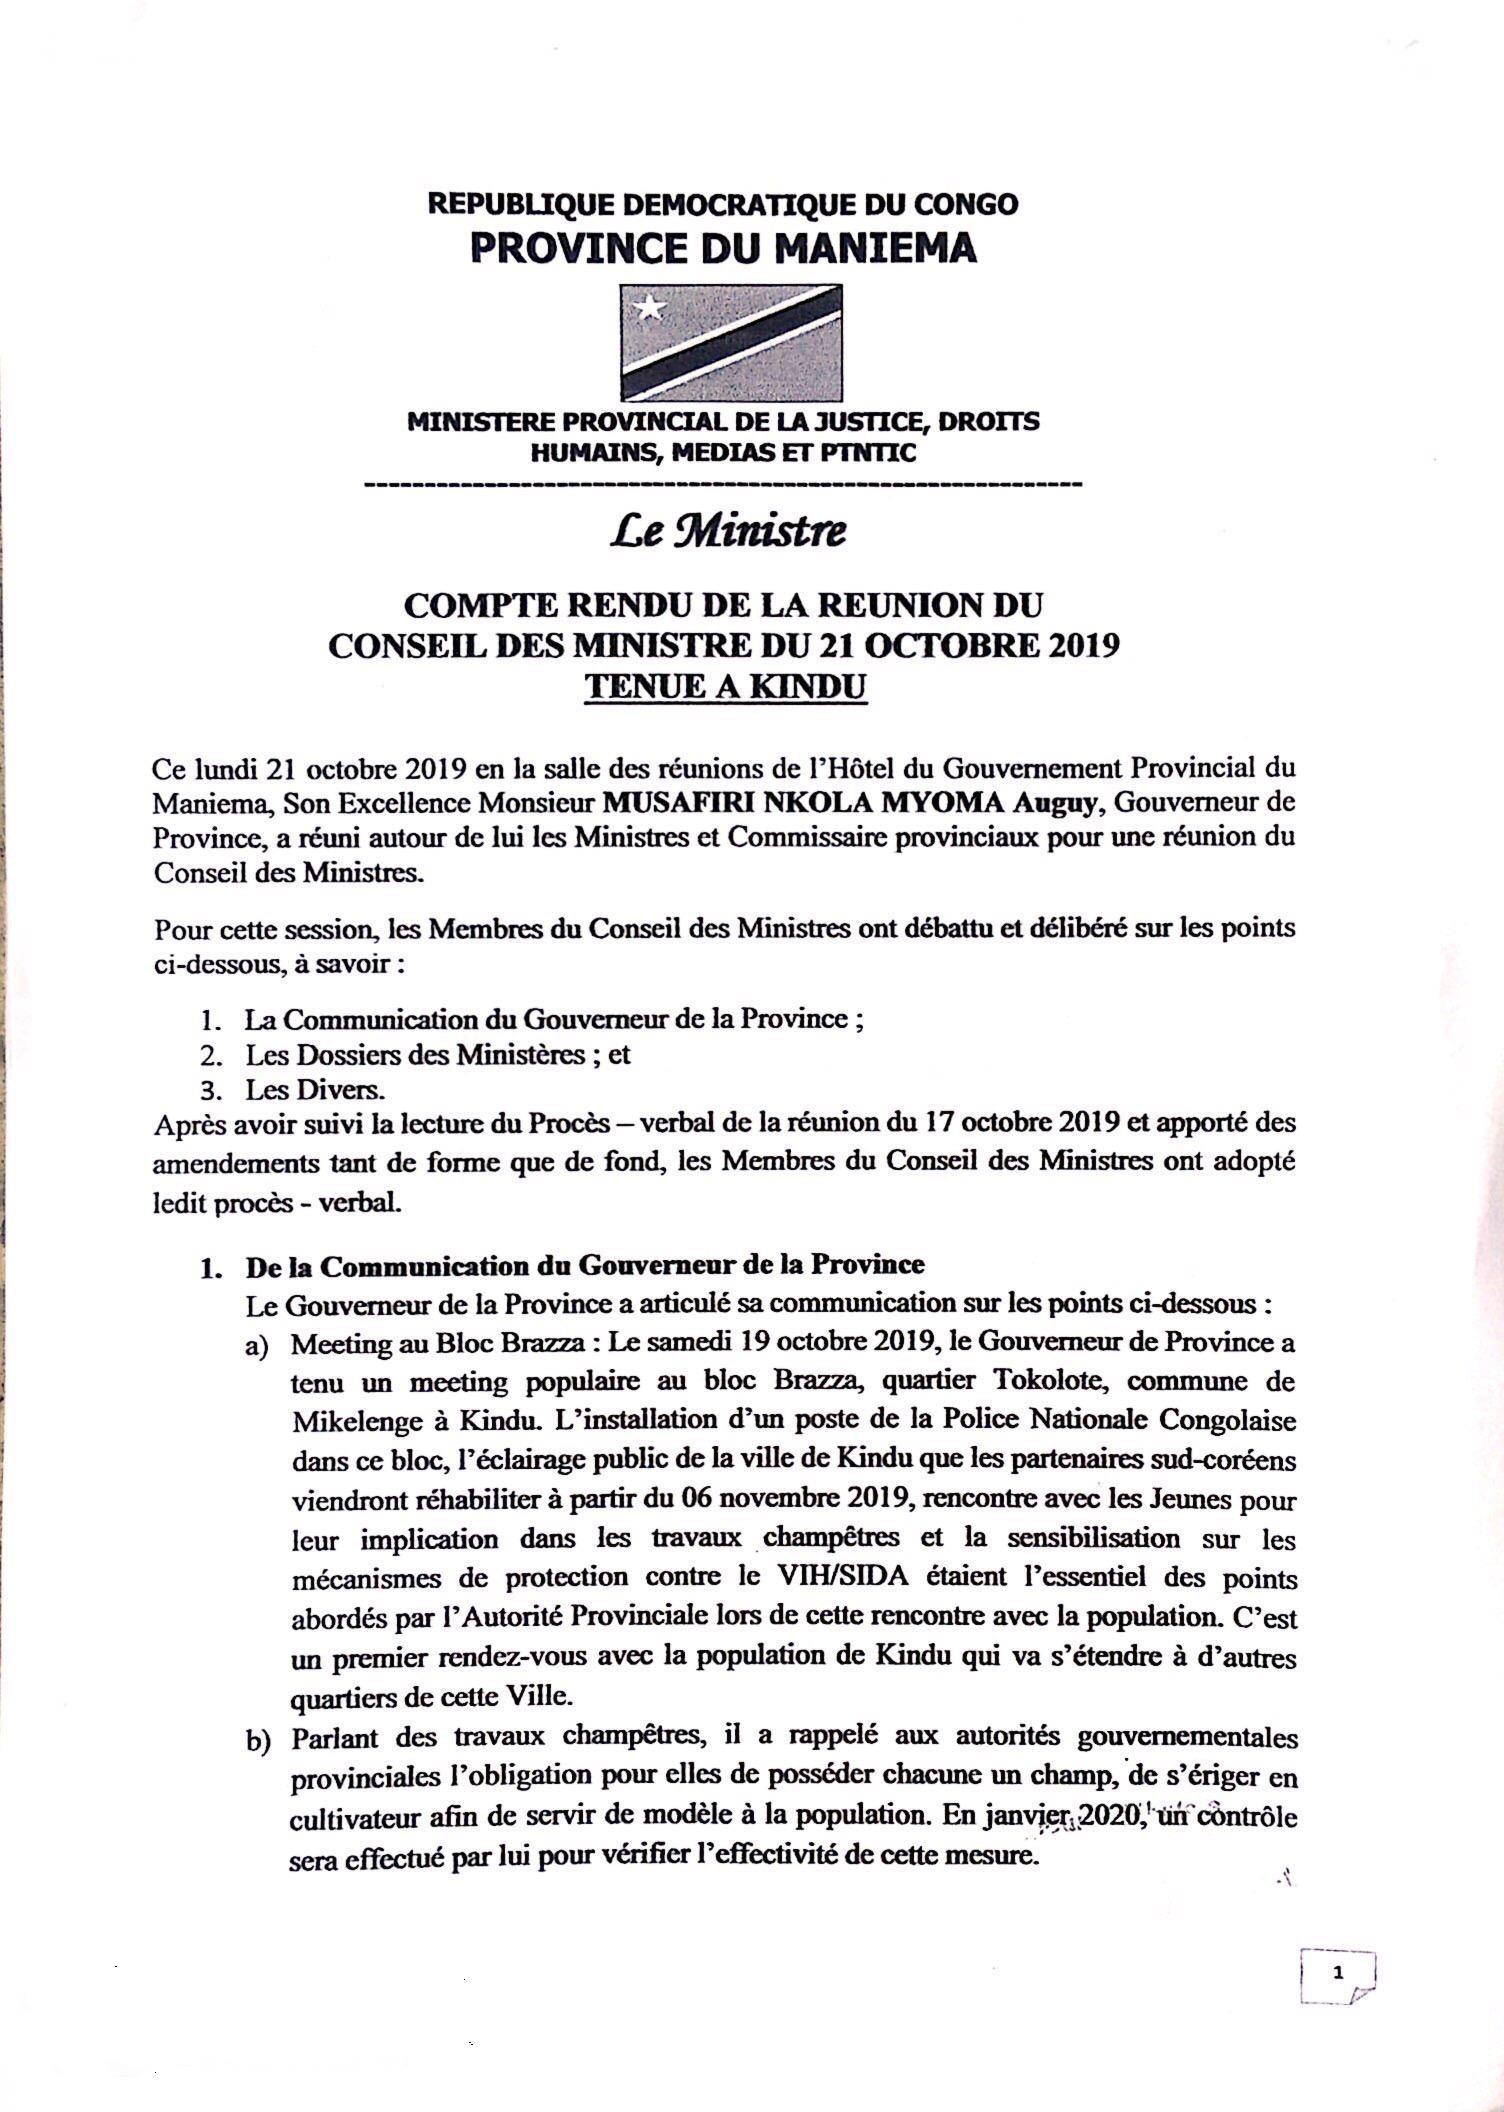 Compte rendu de la réunion du Conseil des Ministre du 21 octobre 2019 tenue à Kindu